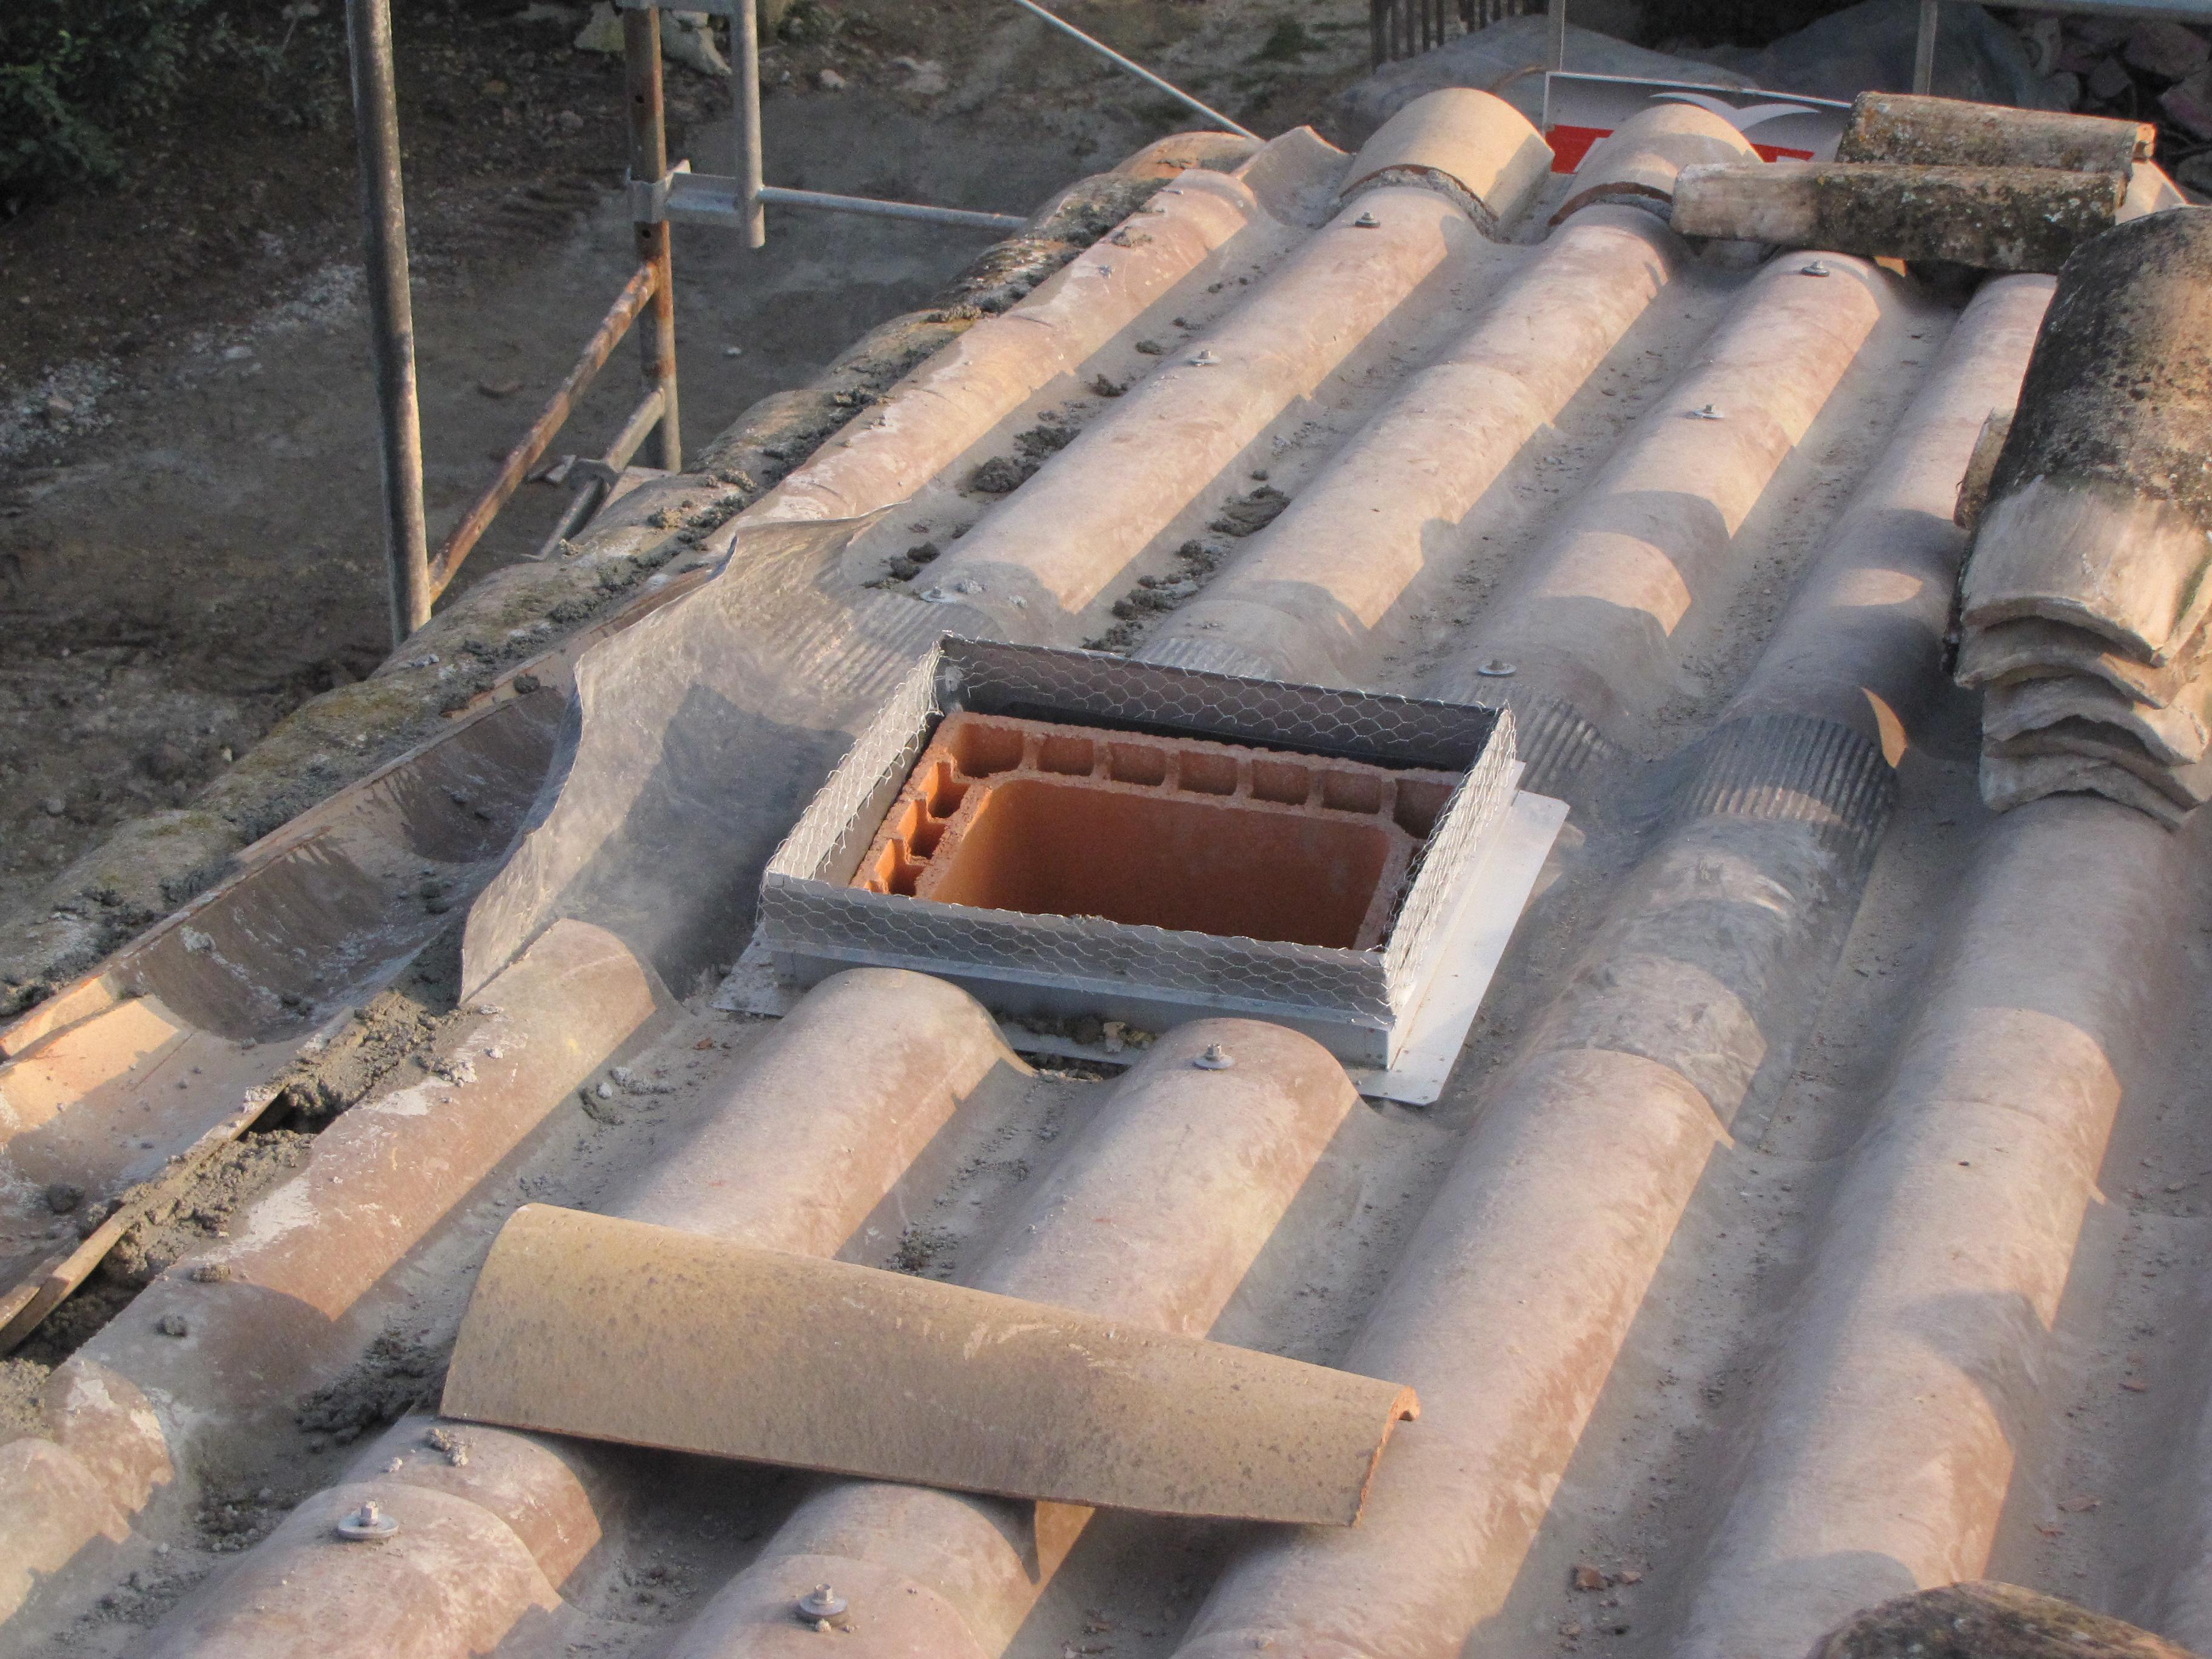 Desportes rénovation, 30. Passage de cheminée en toiture.